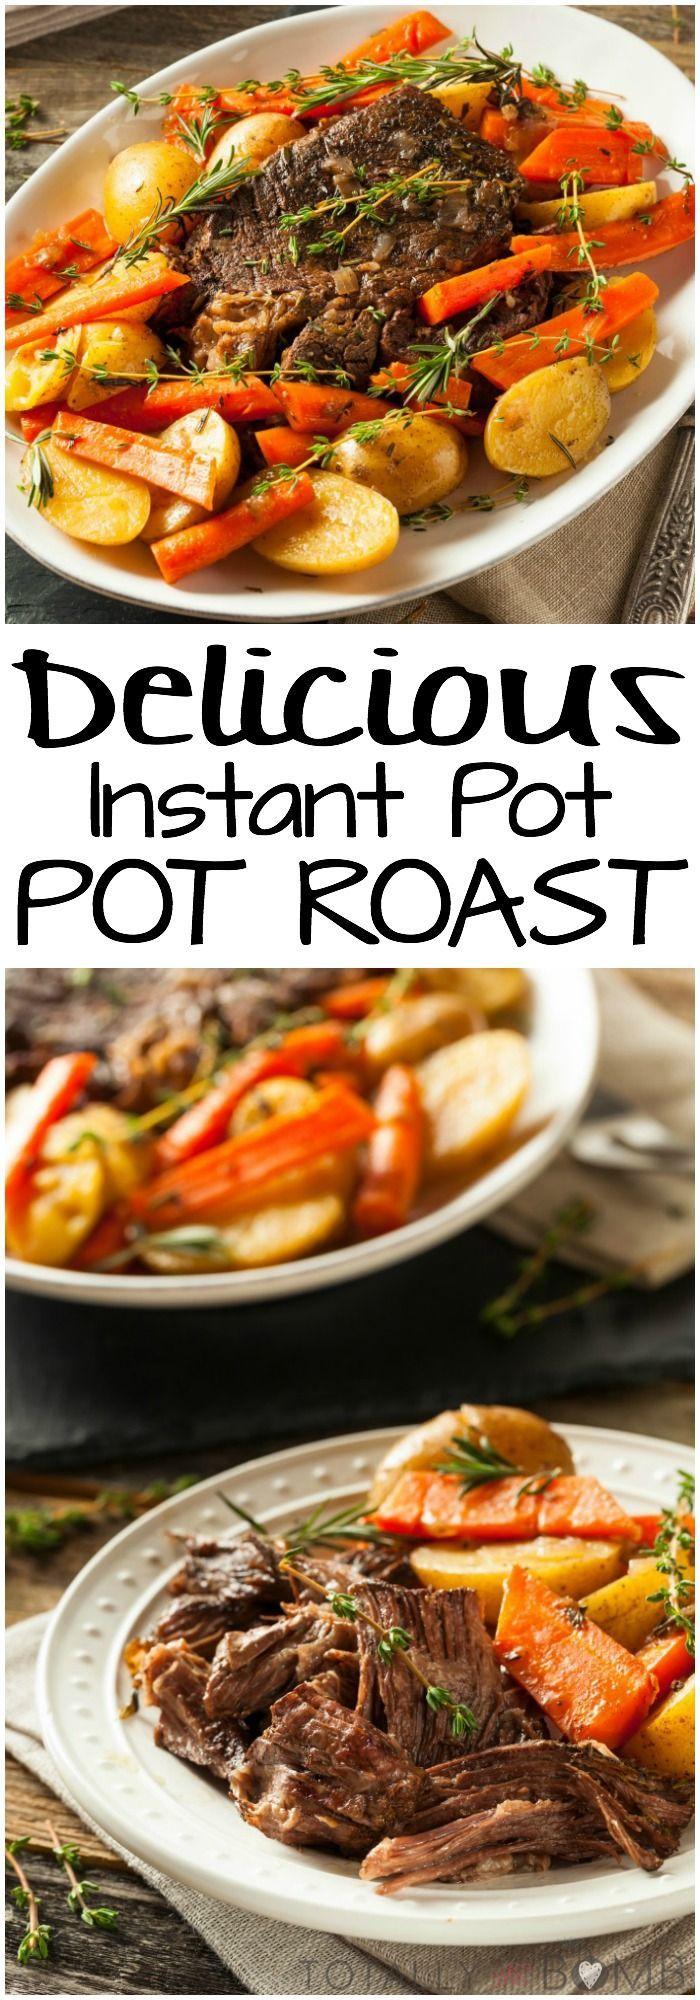 Old fashioned pot roast recipe 94